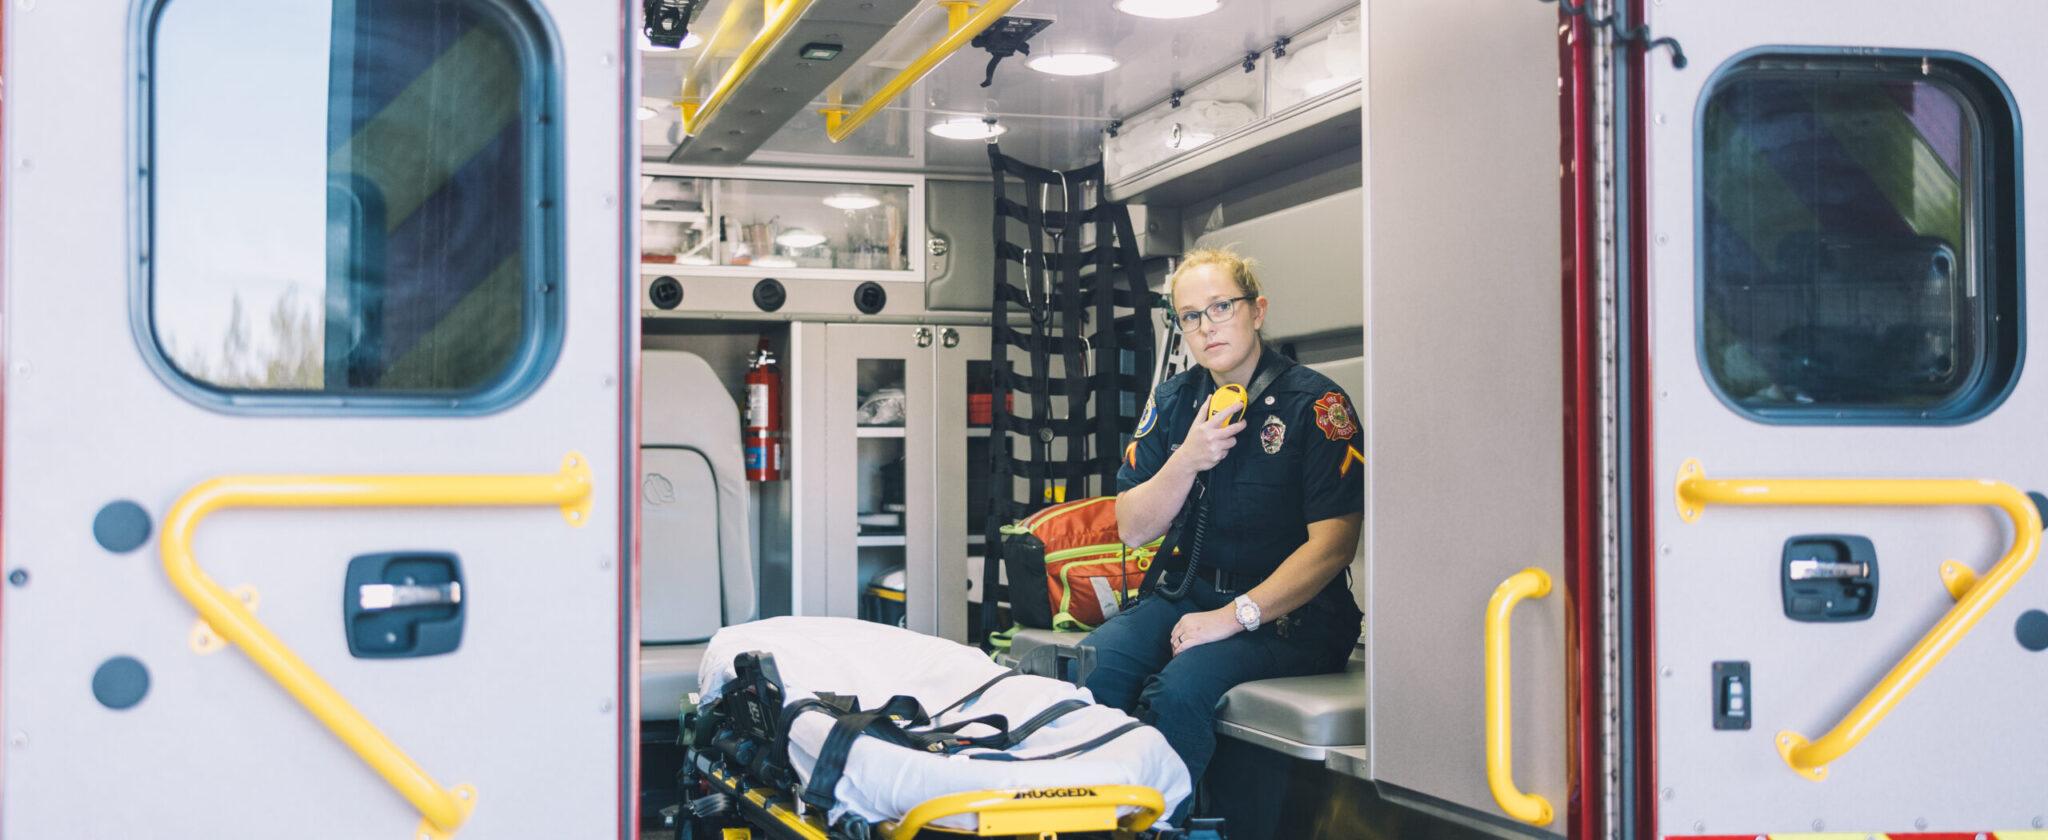 White female paramedic sitting in the back of the ambulance holding radio